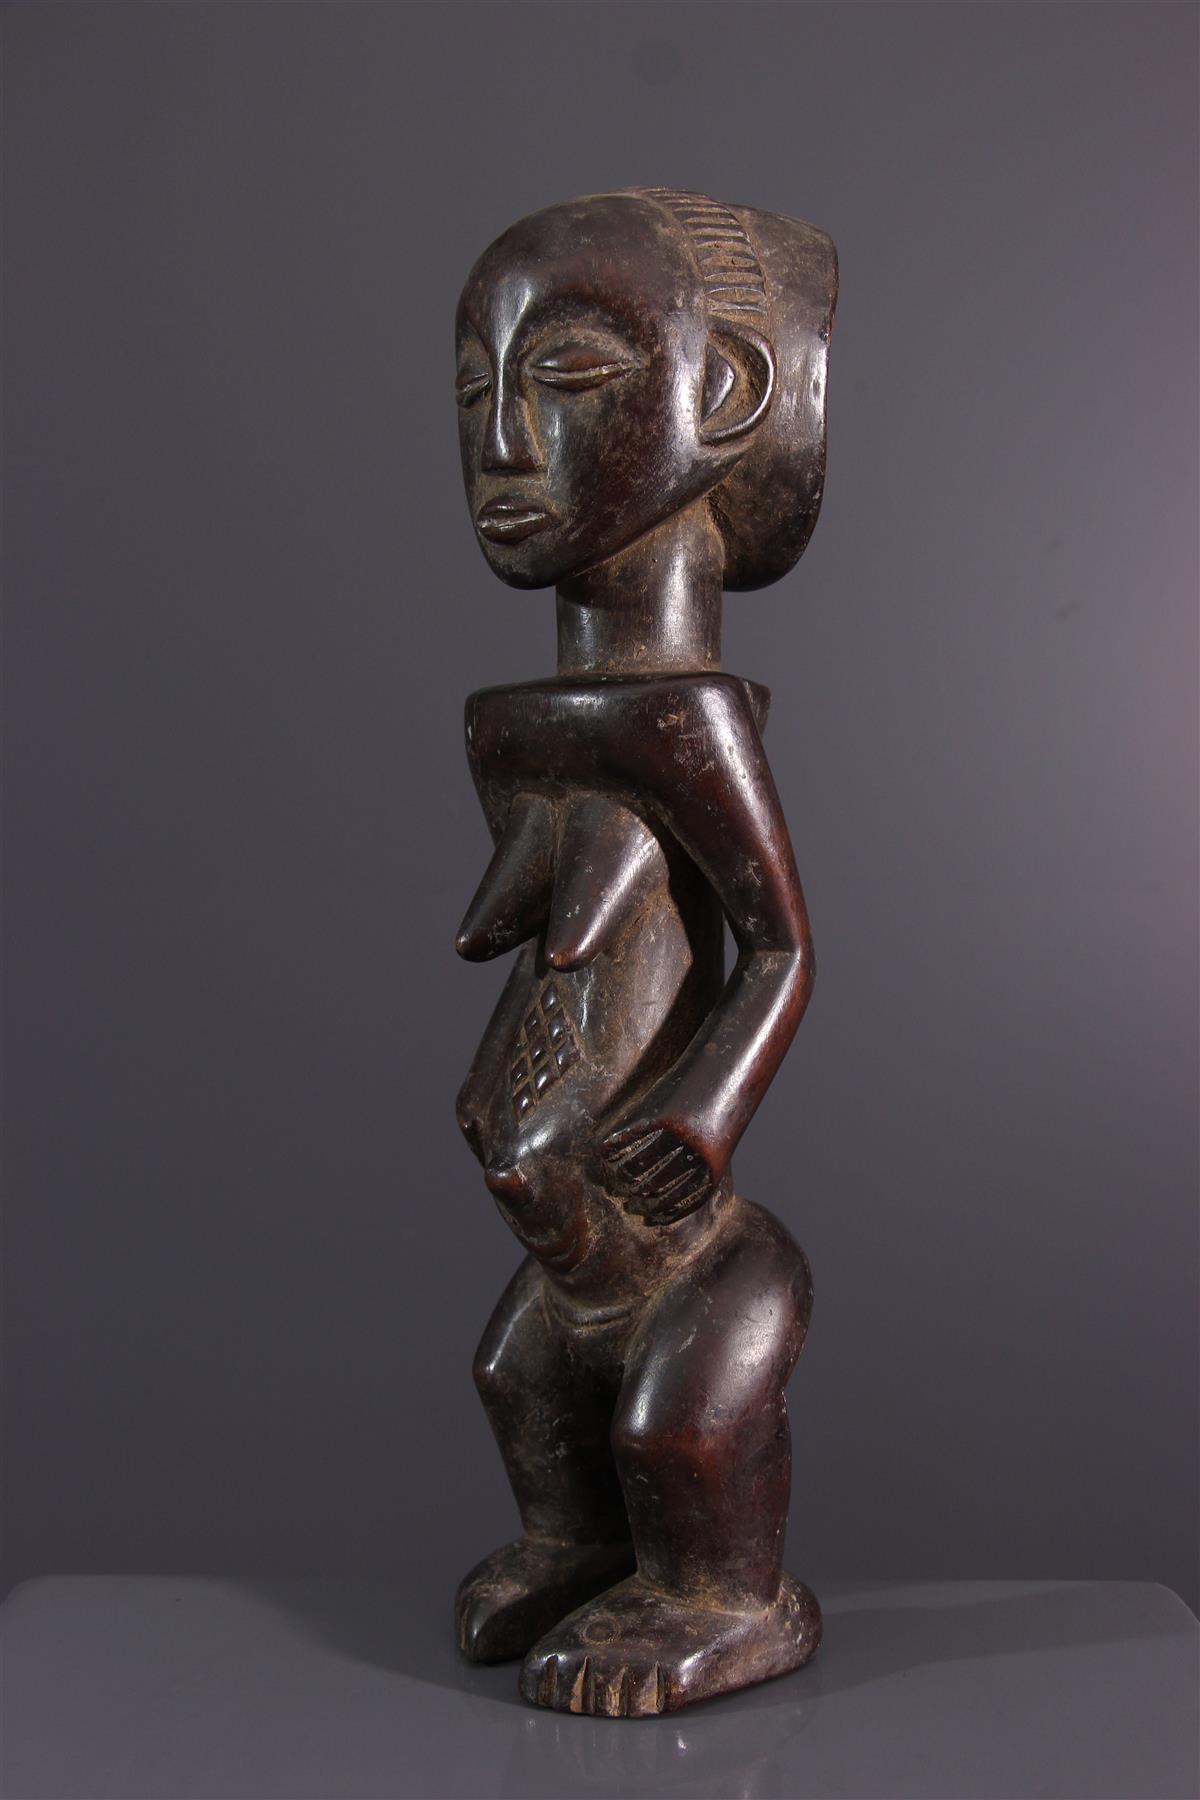 Statuette Luba - African art